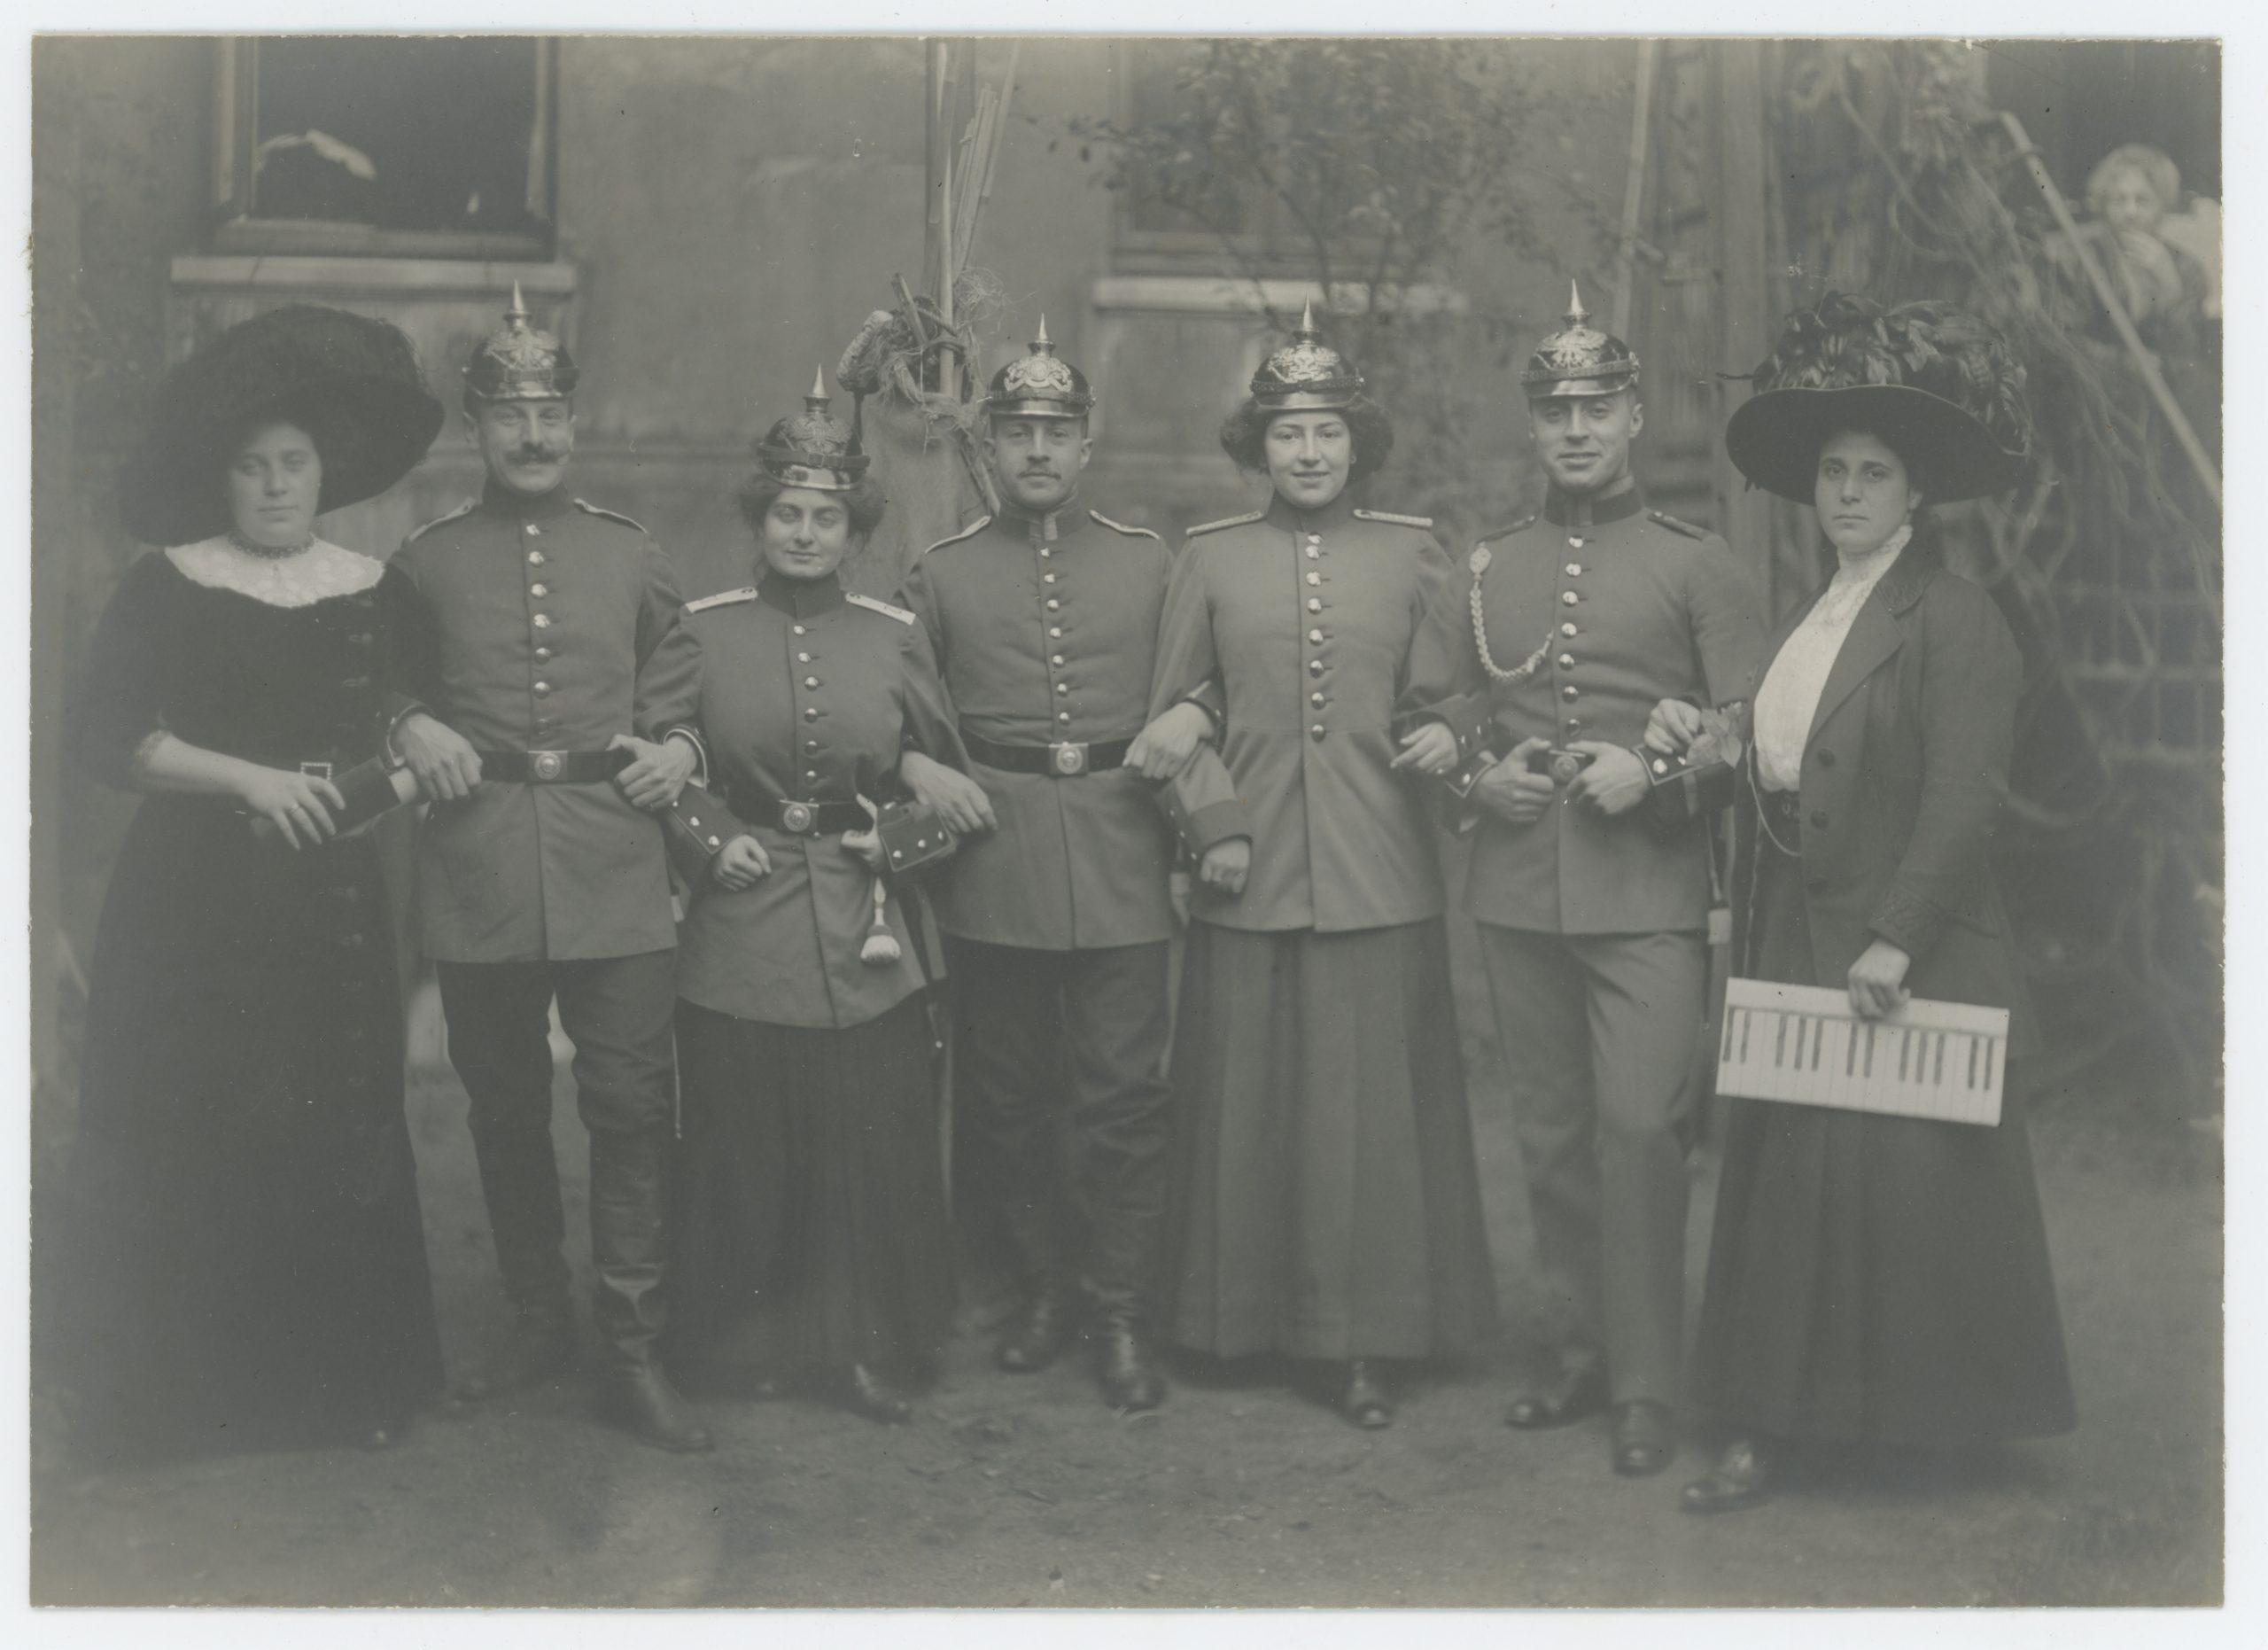 Belle Série Ancienne 4 Photographies - Guerre 1905 - 14/18 - Armée Allemande - Vie de Famille - Casque à Pointe - Jeu - Uniforme - Service Militaire